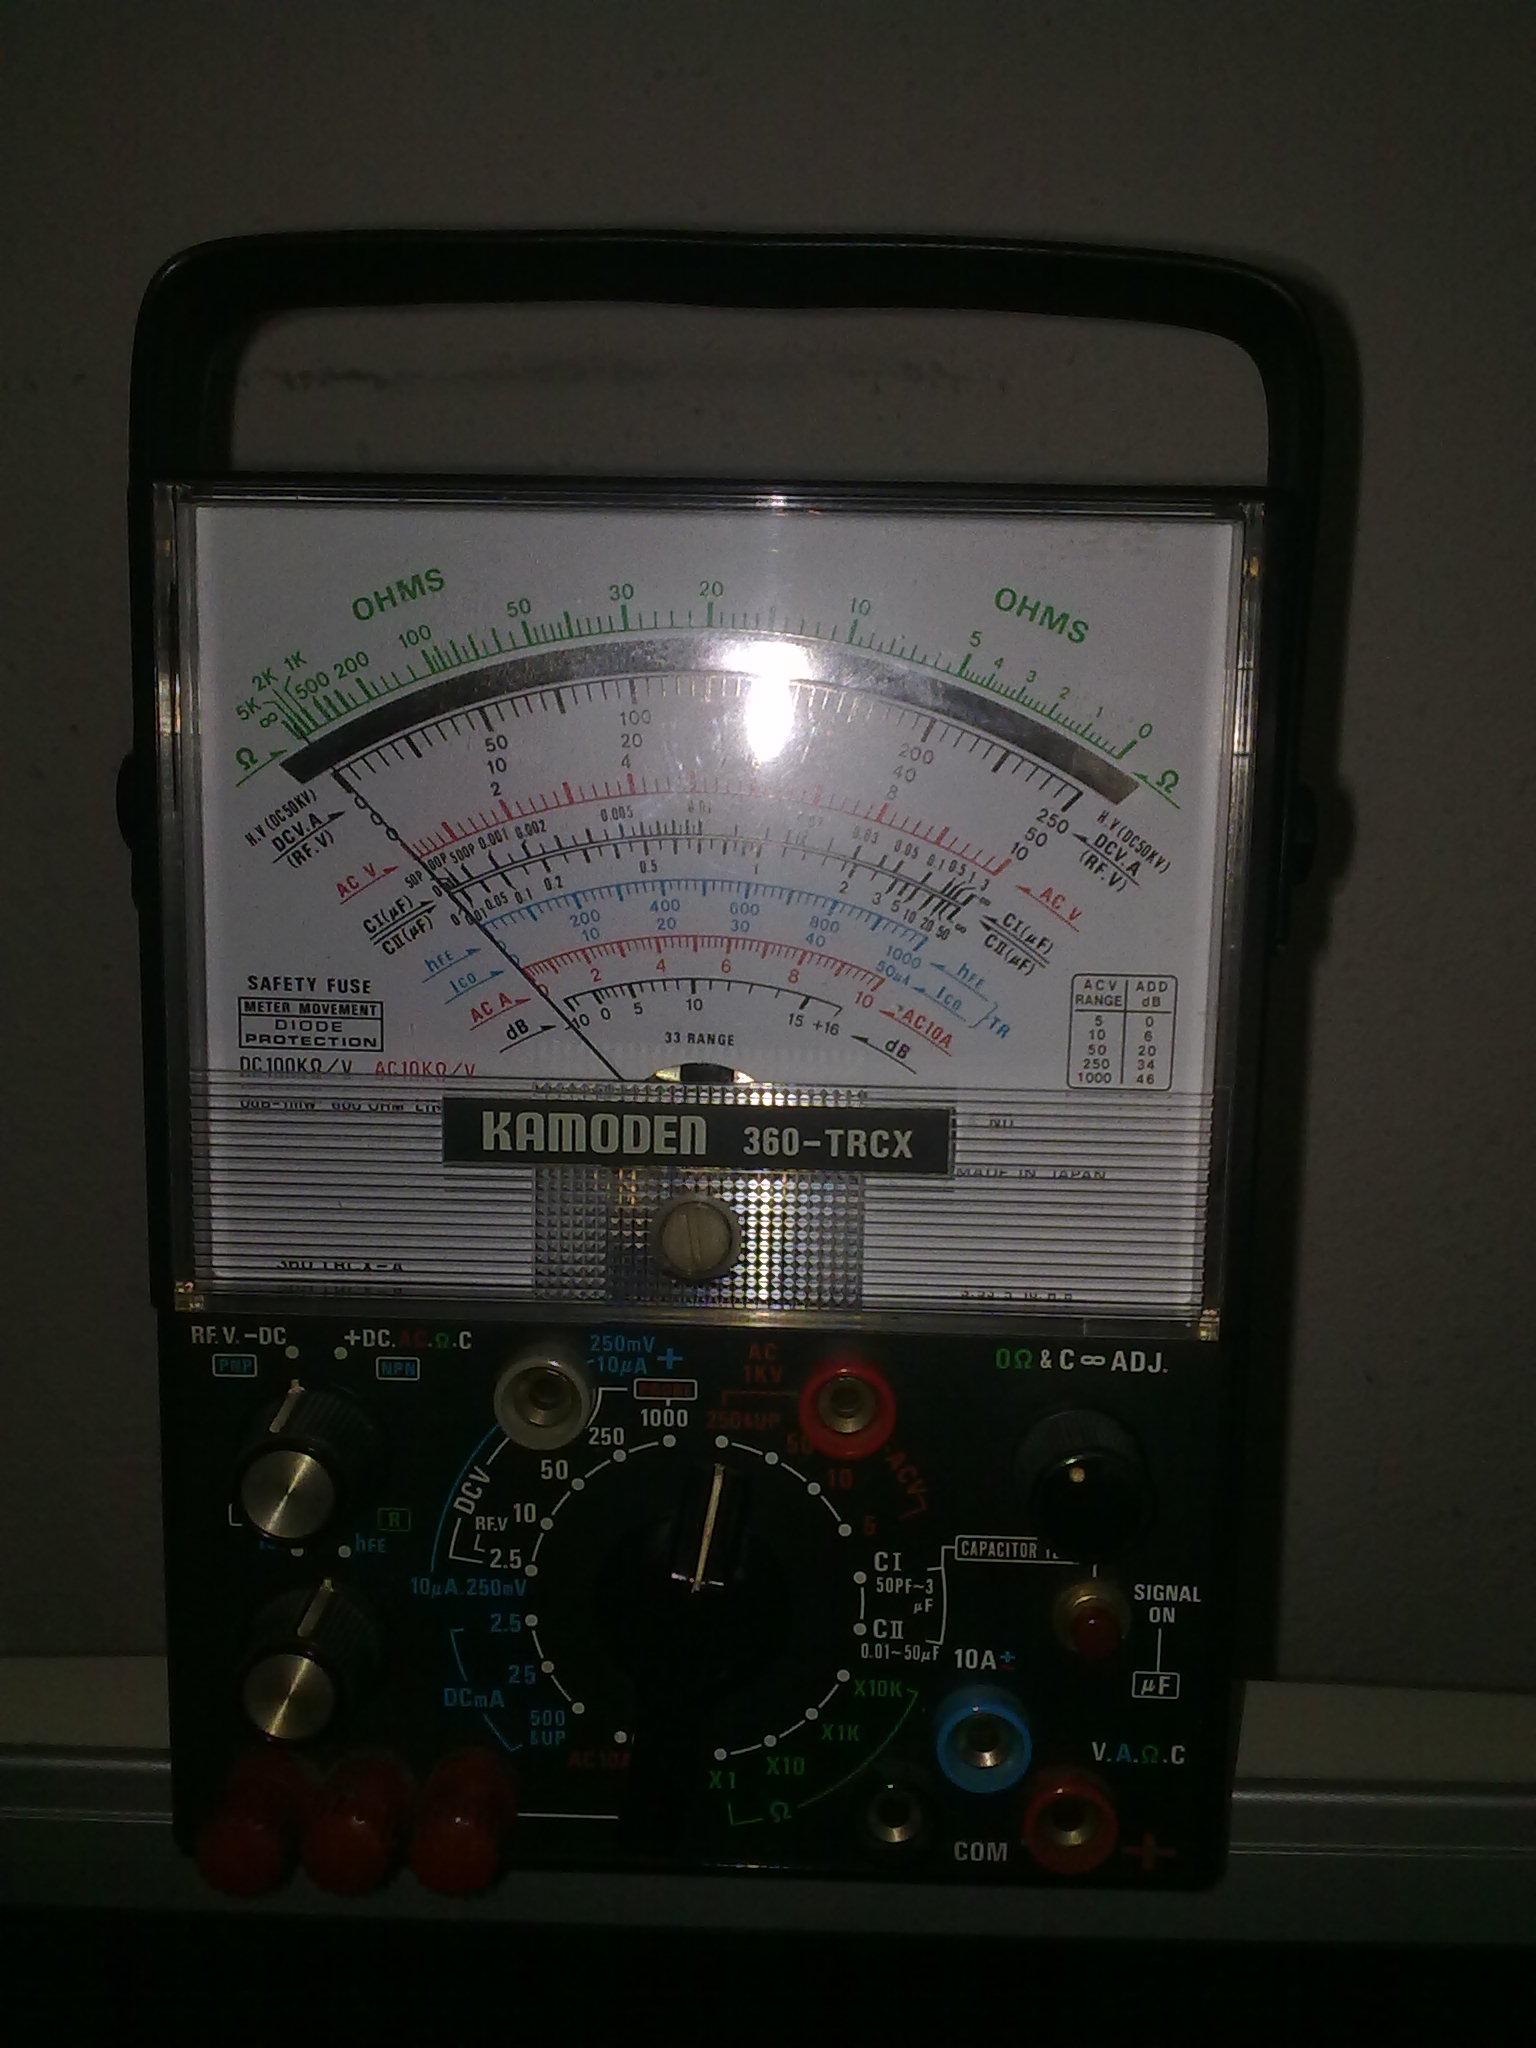 Kamoden 360-TRCX